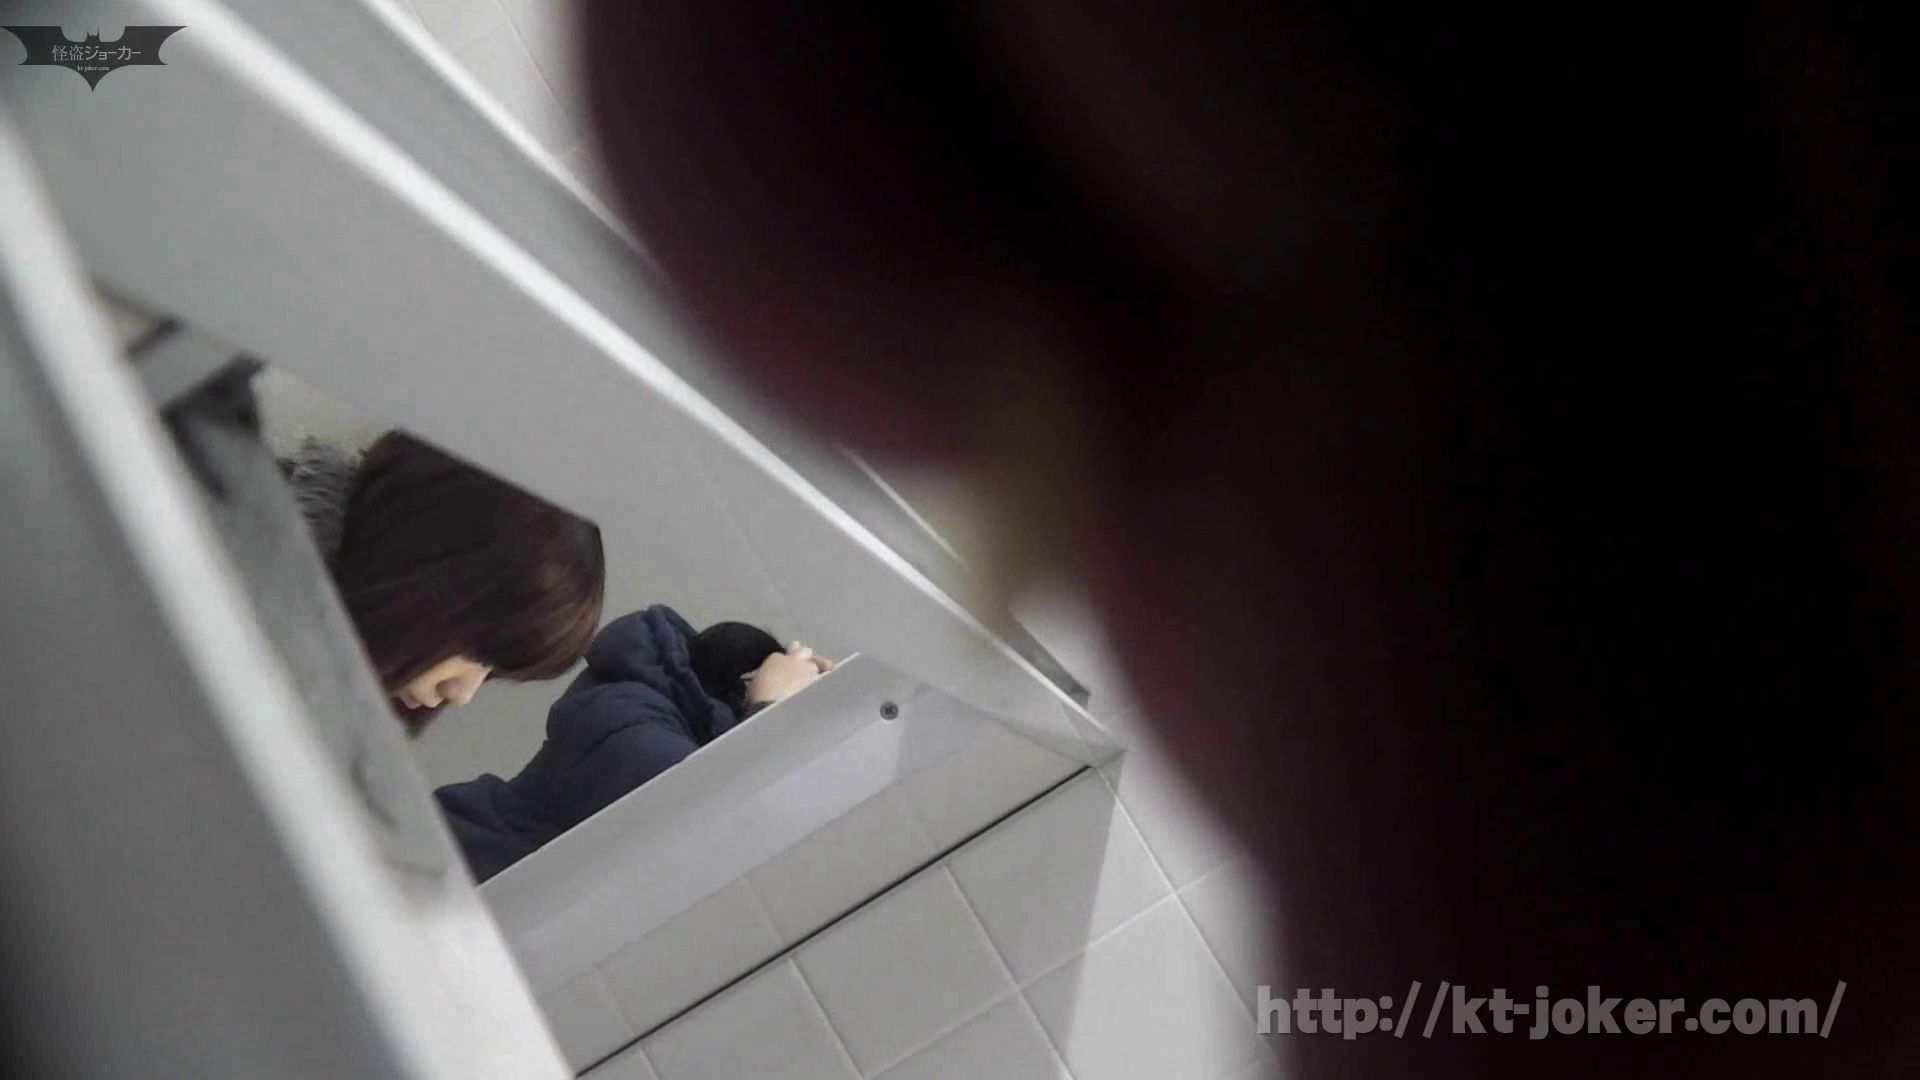 命がけ潜伏洗面所! vol.56 ピンチ!!「鏡の前で祈る女性」にばれる危機 洗面所はめどり  57画像 18